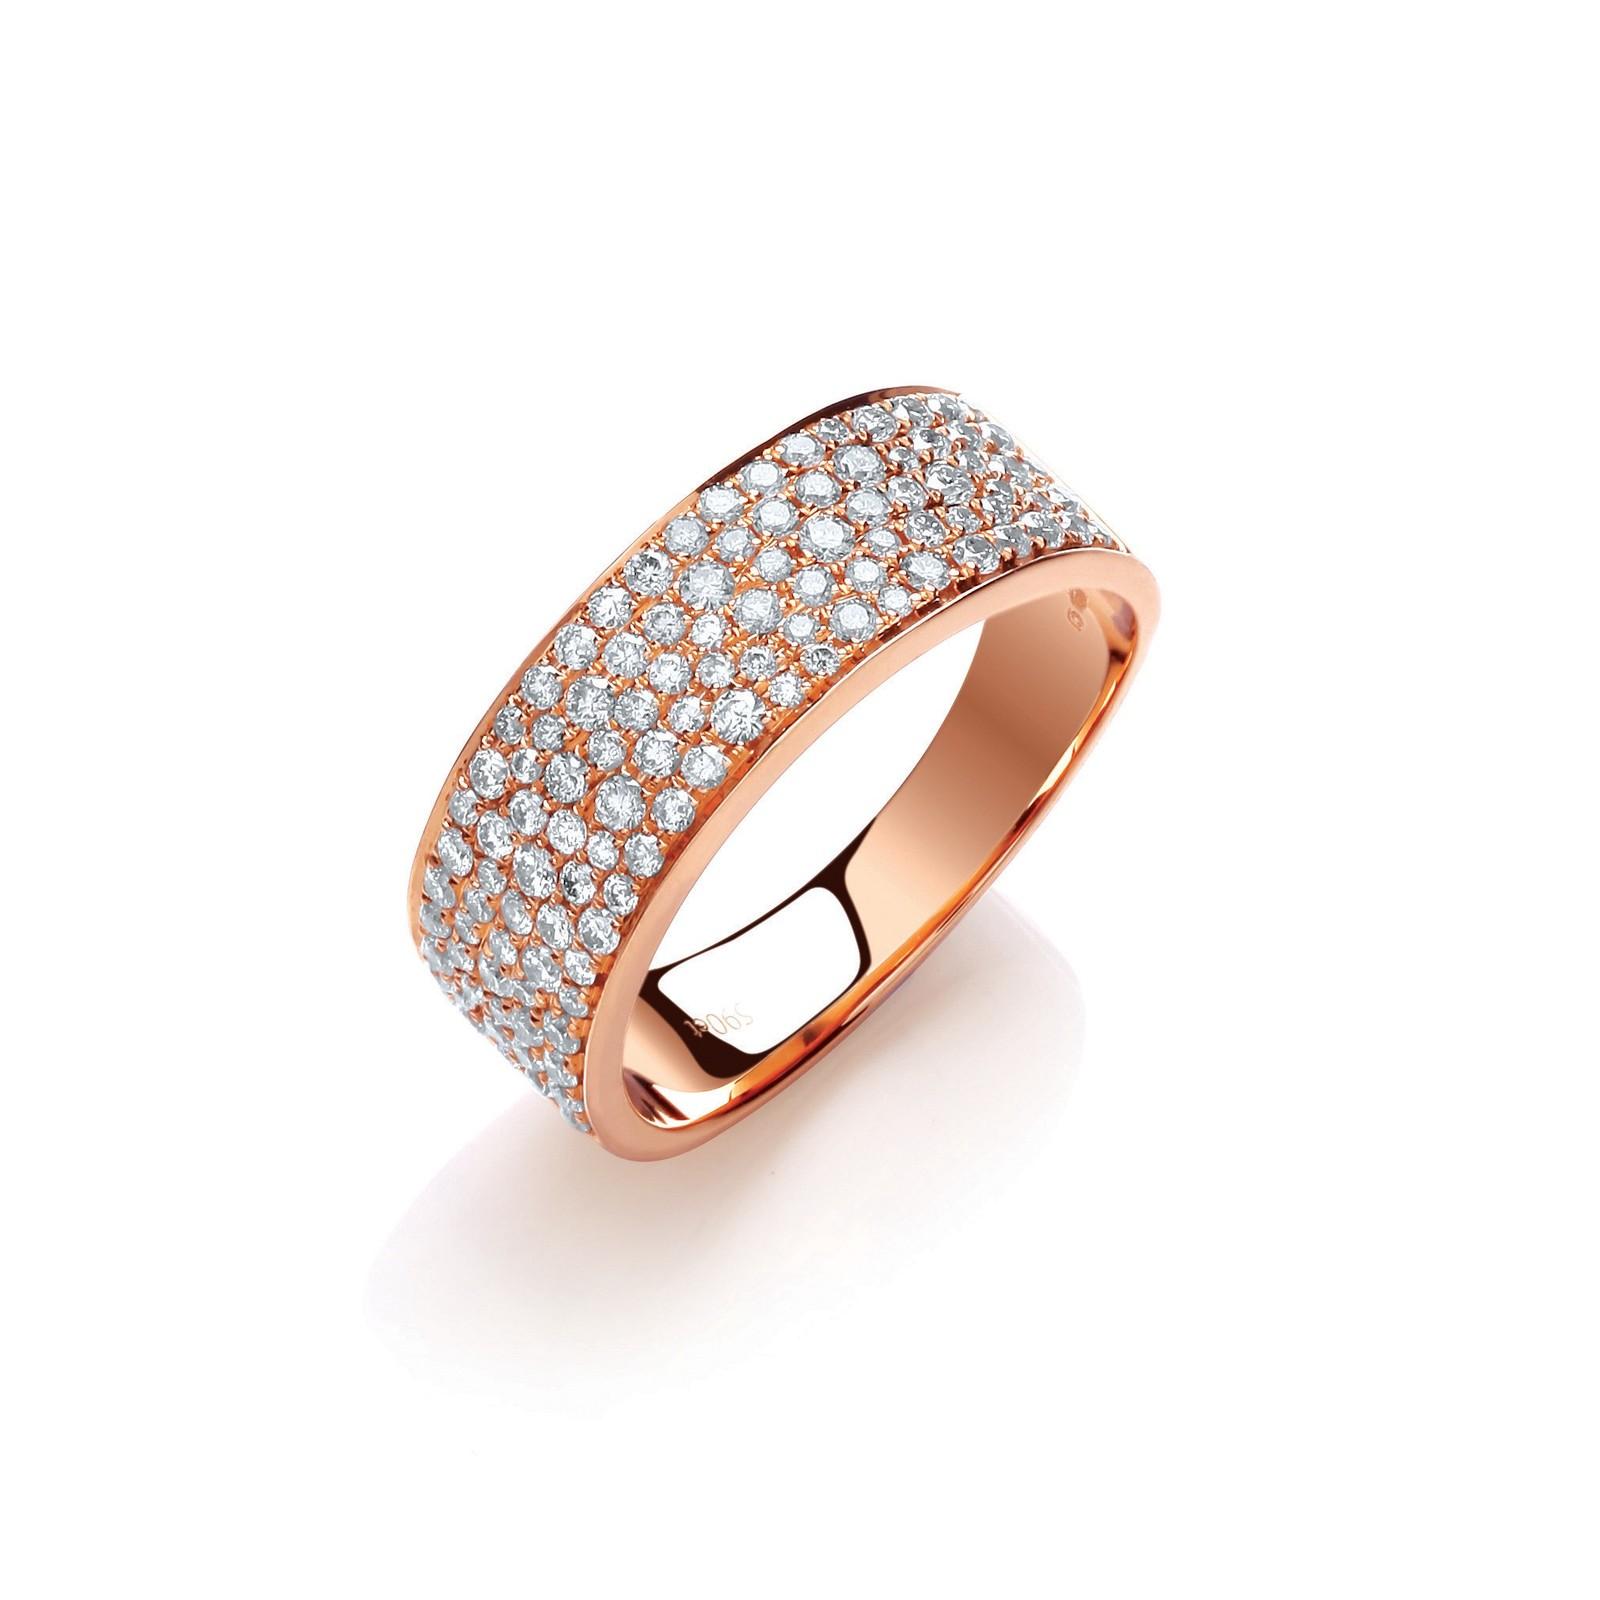 18ct Rose Gold 0.60ct Pave Set Ring